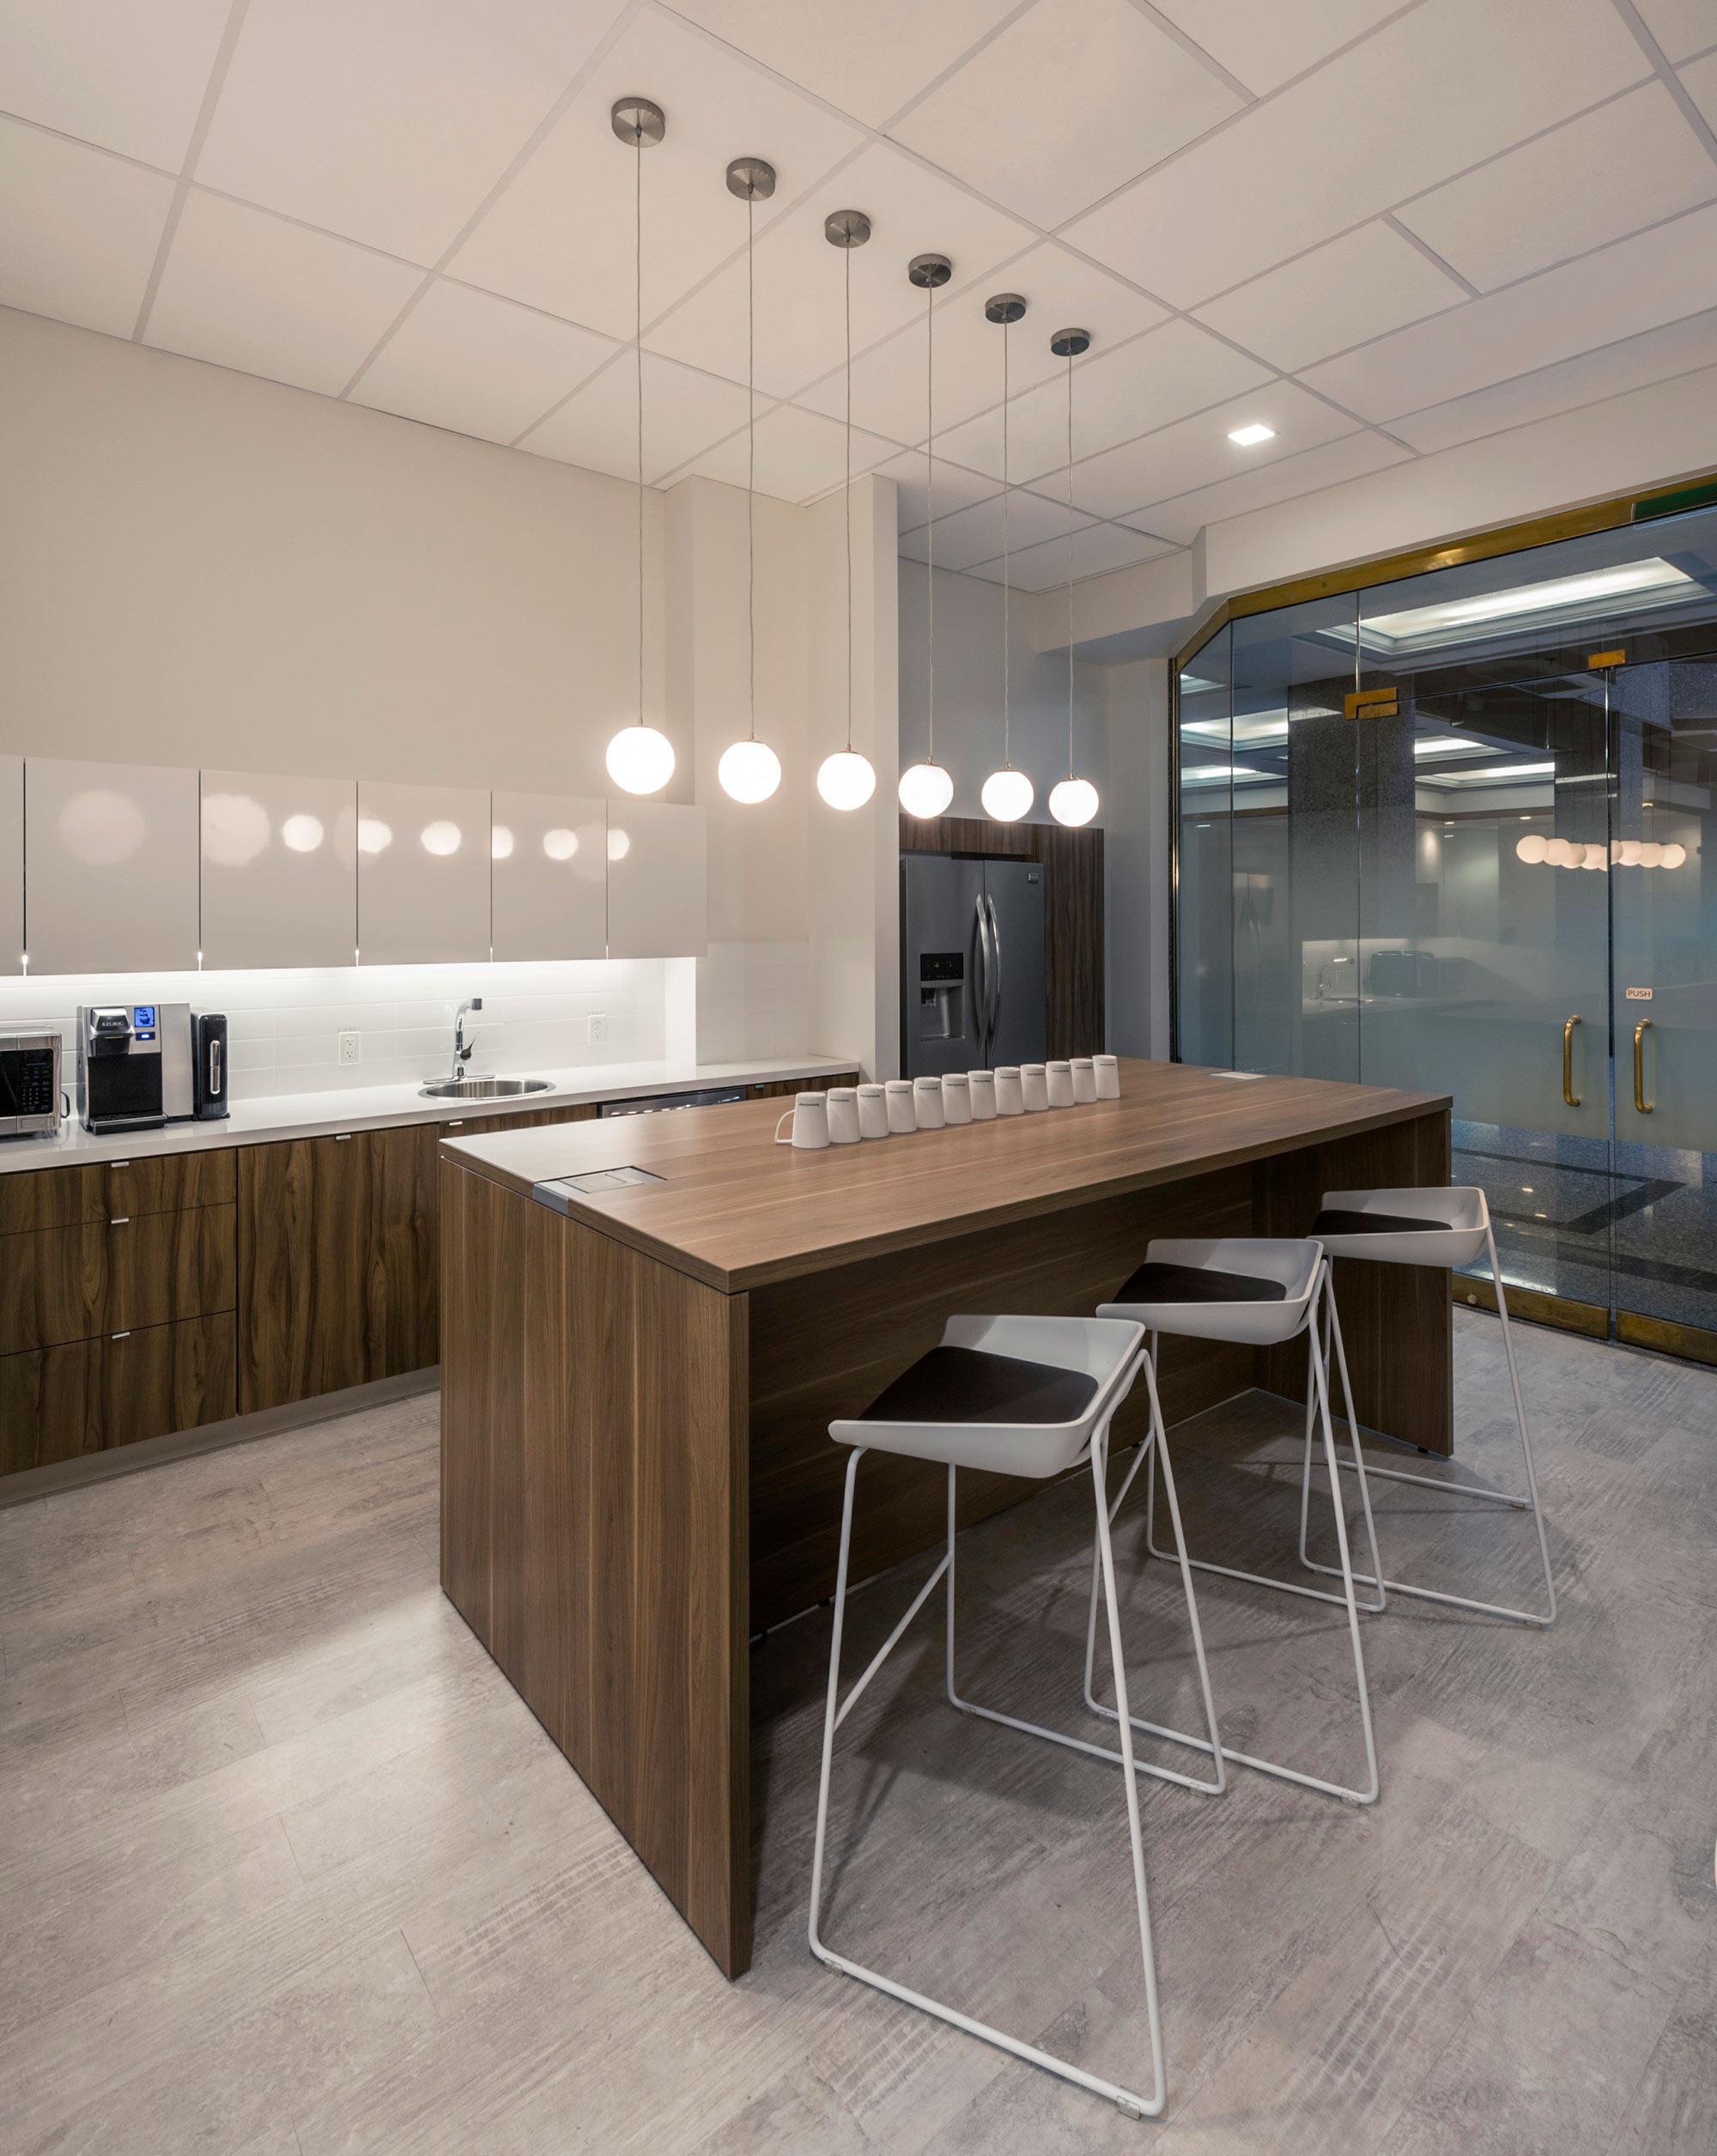 interior-design-legal-office-kitchen.jpg